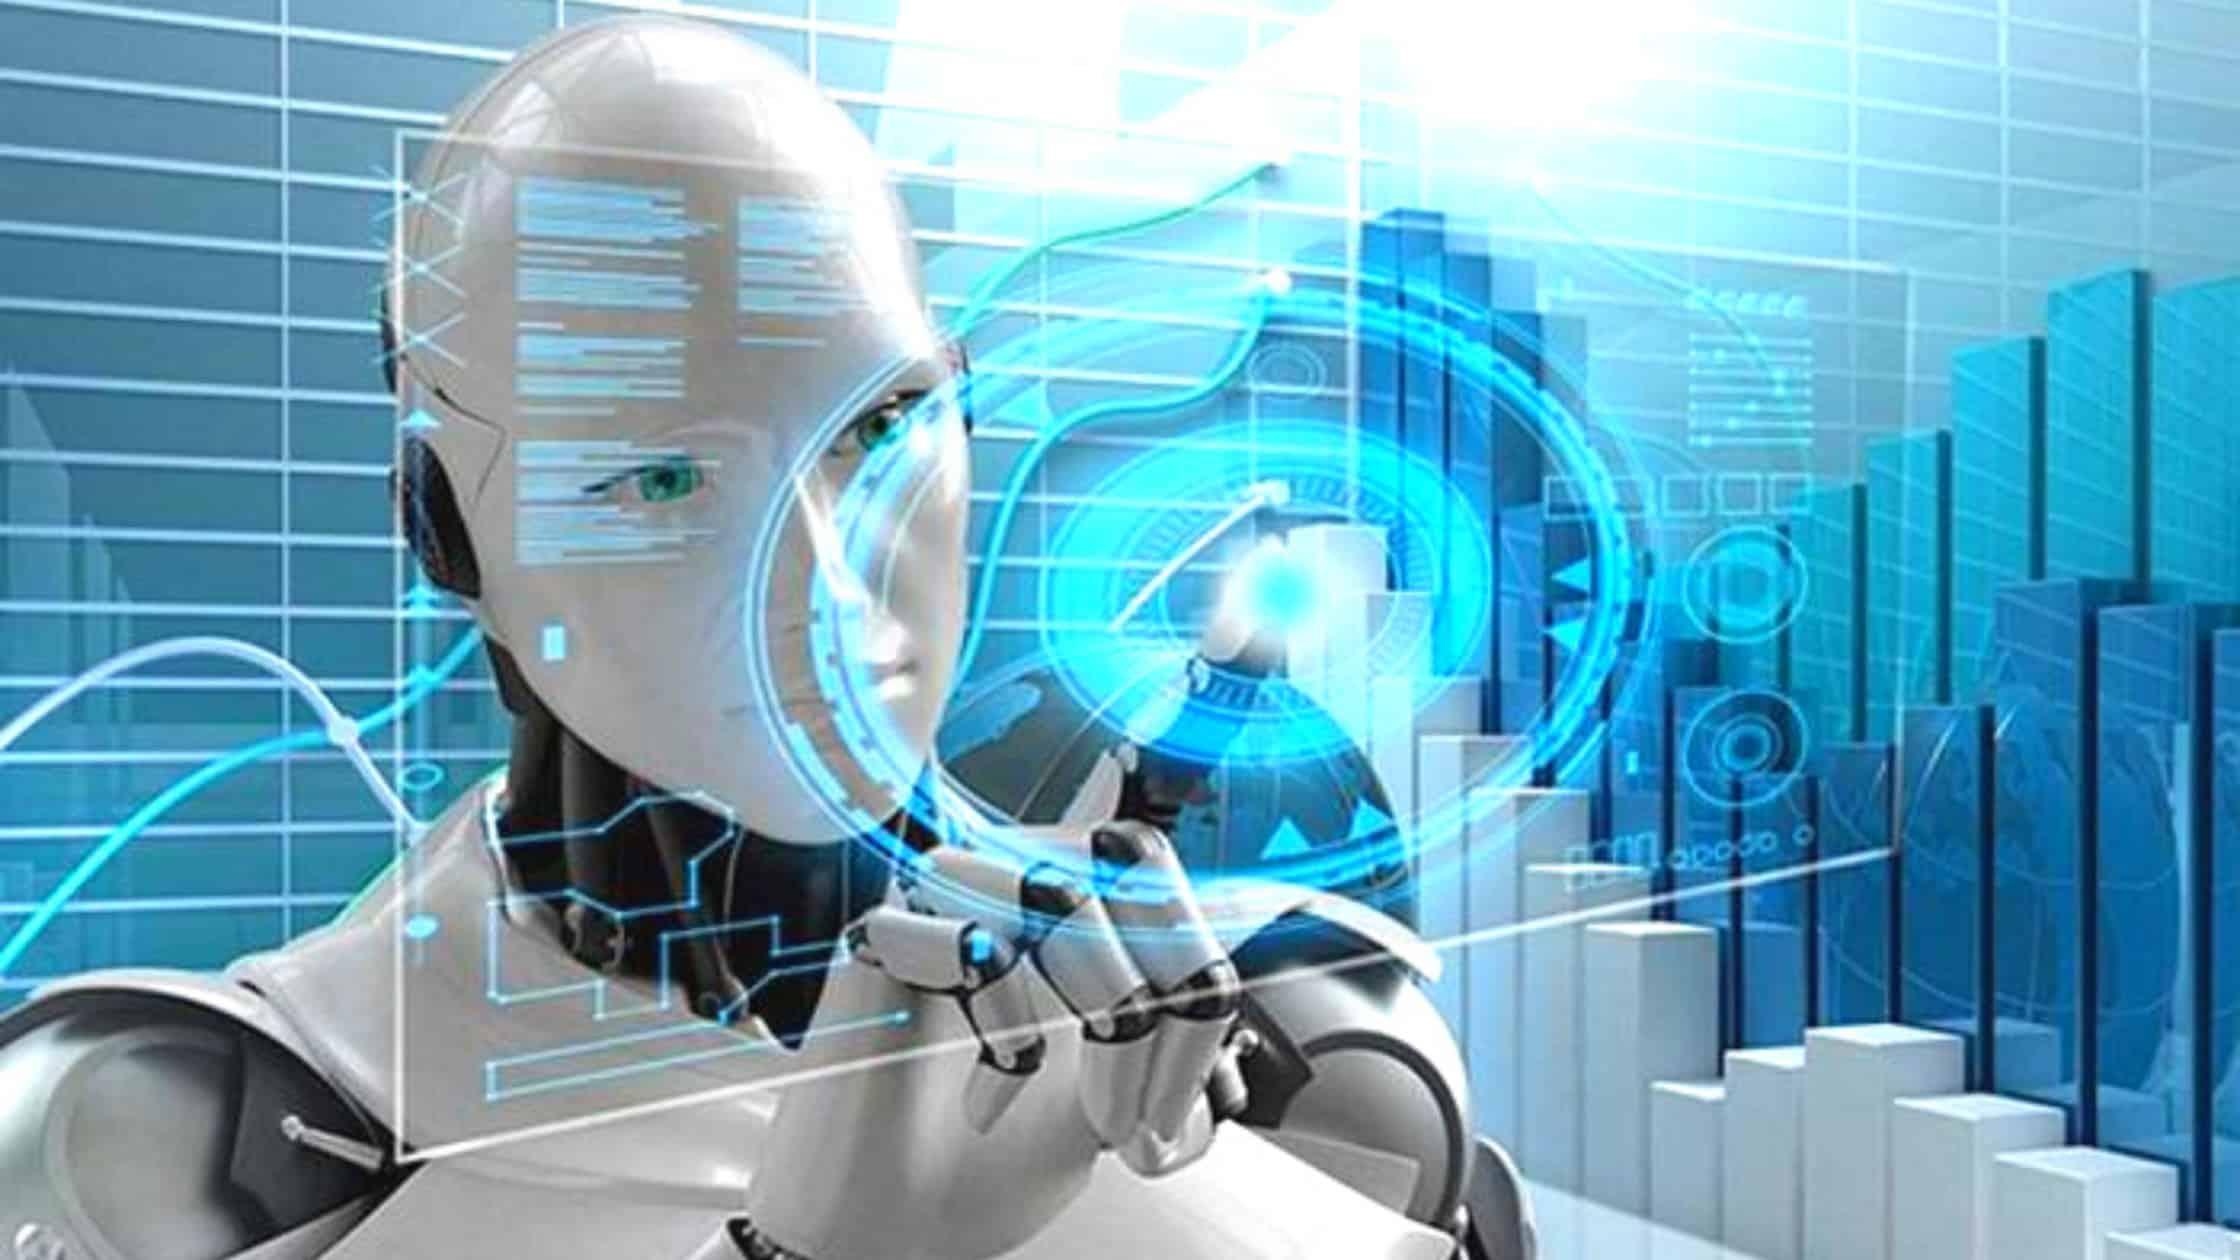 اختبارات الذكاء الصناعي و أهم تطبيقاته